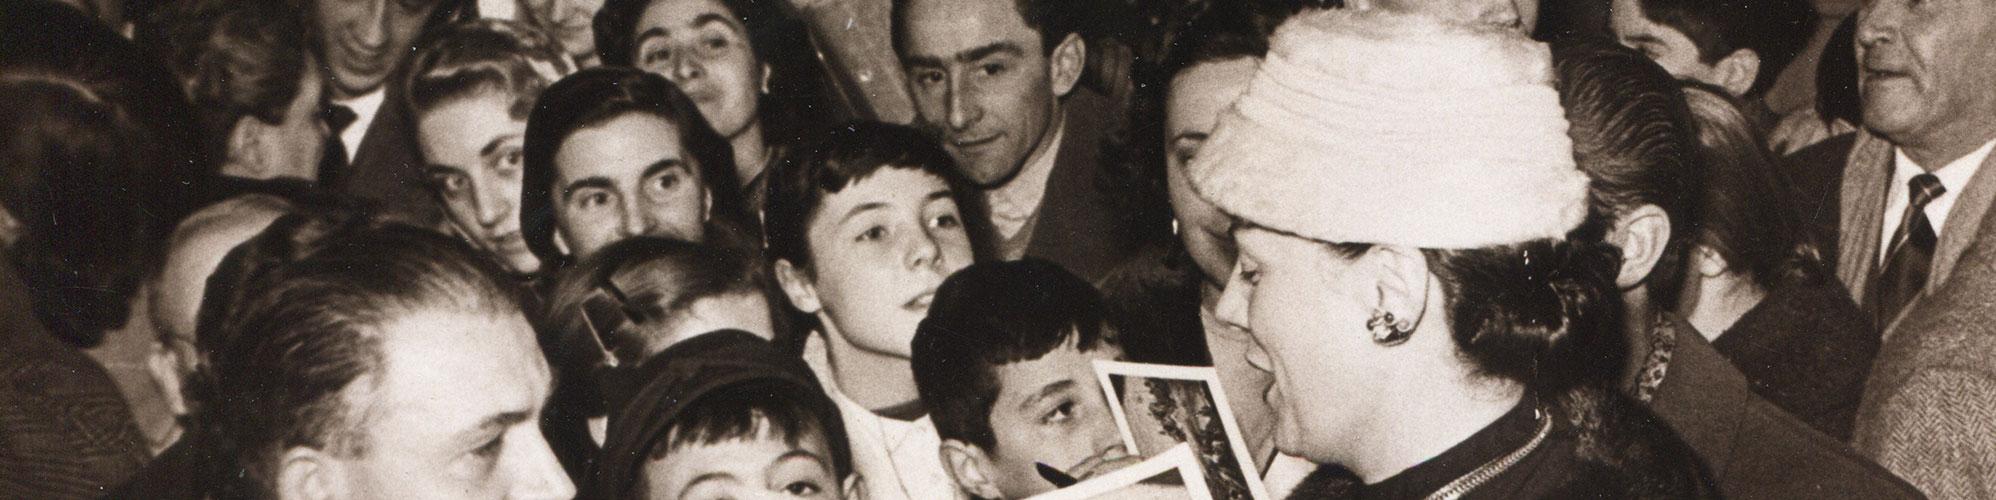 Renata Tebaldi e i fan, 1957